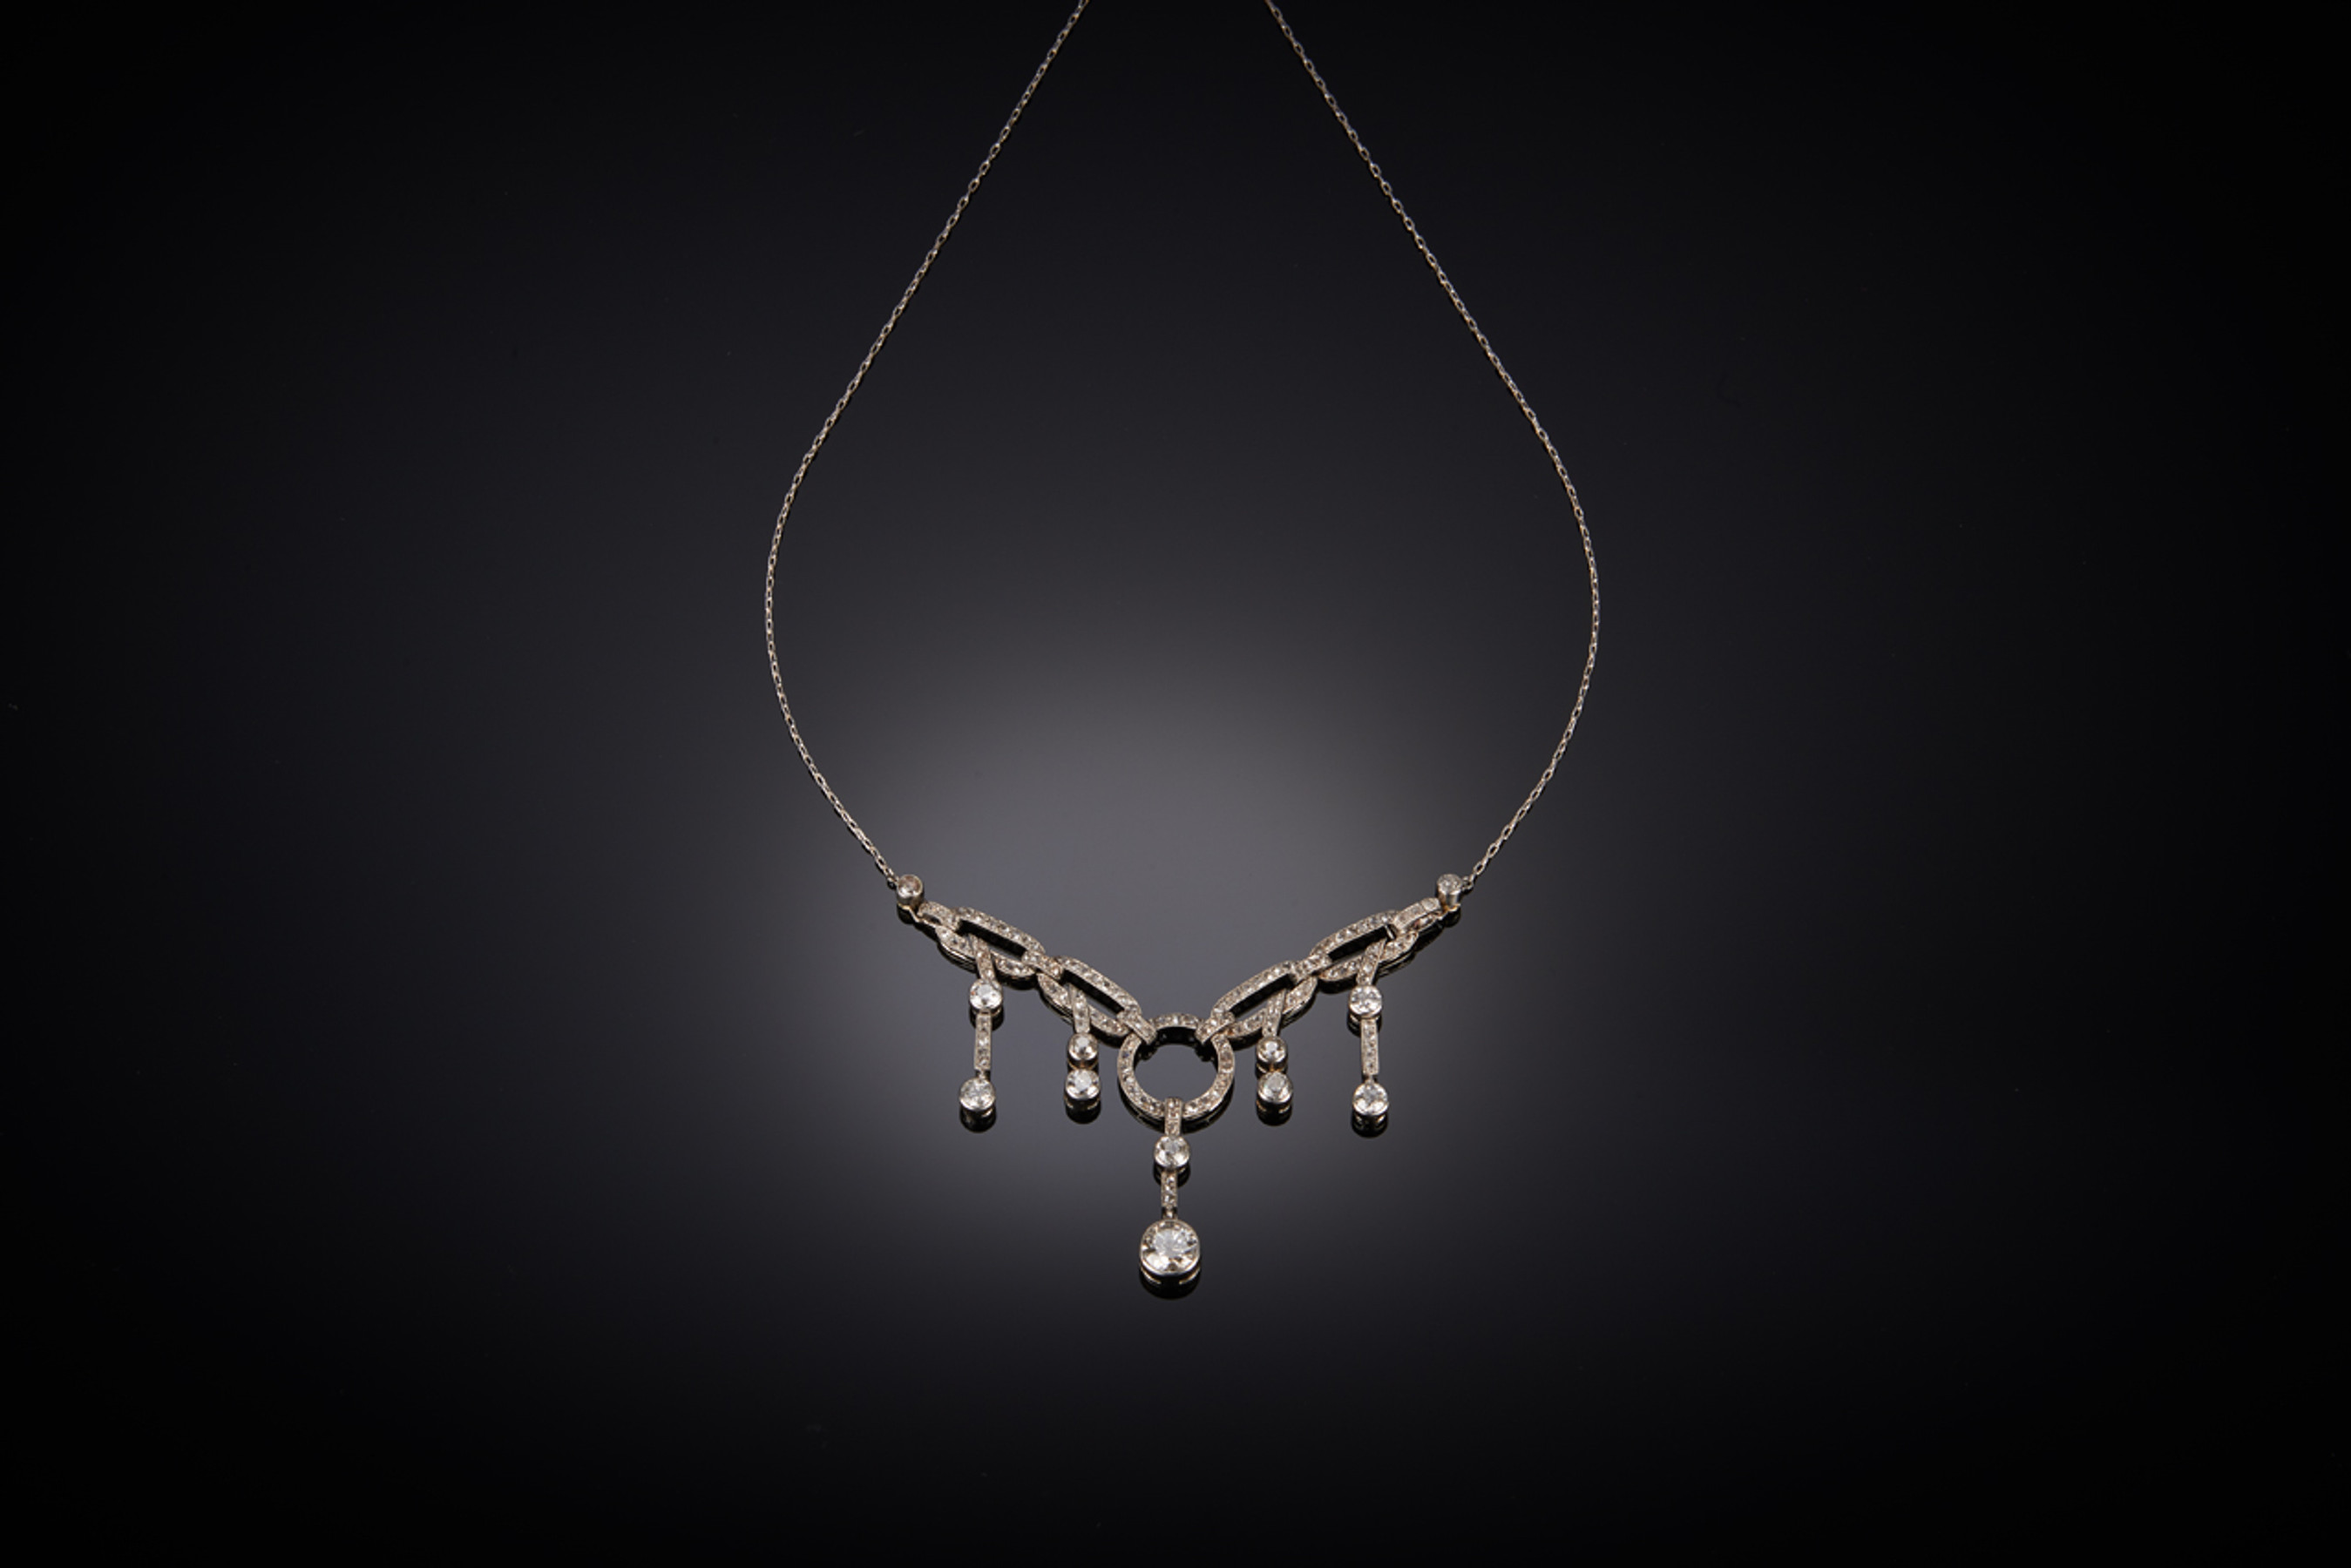 Striking Diamond Necklace